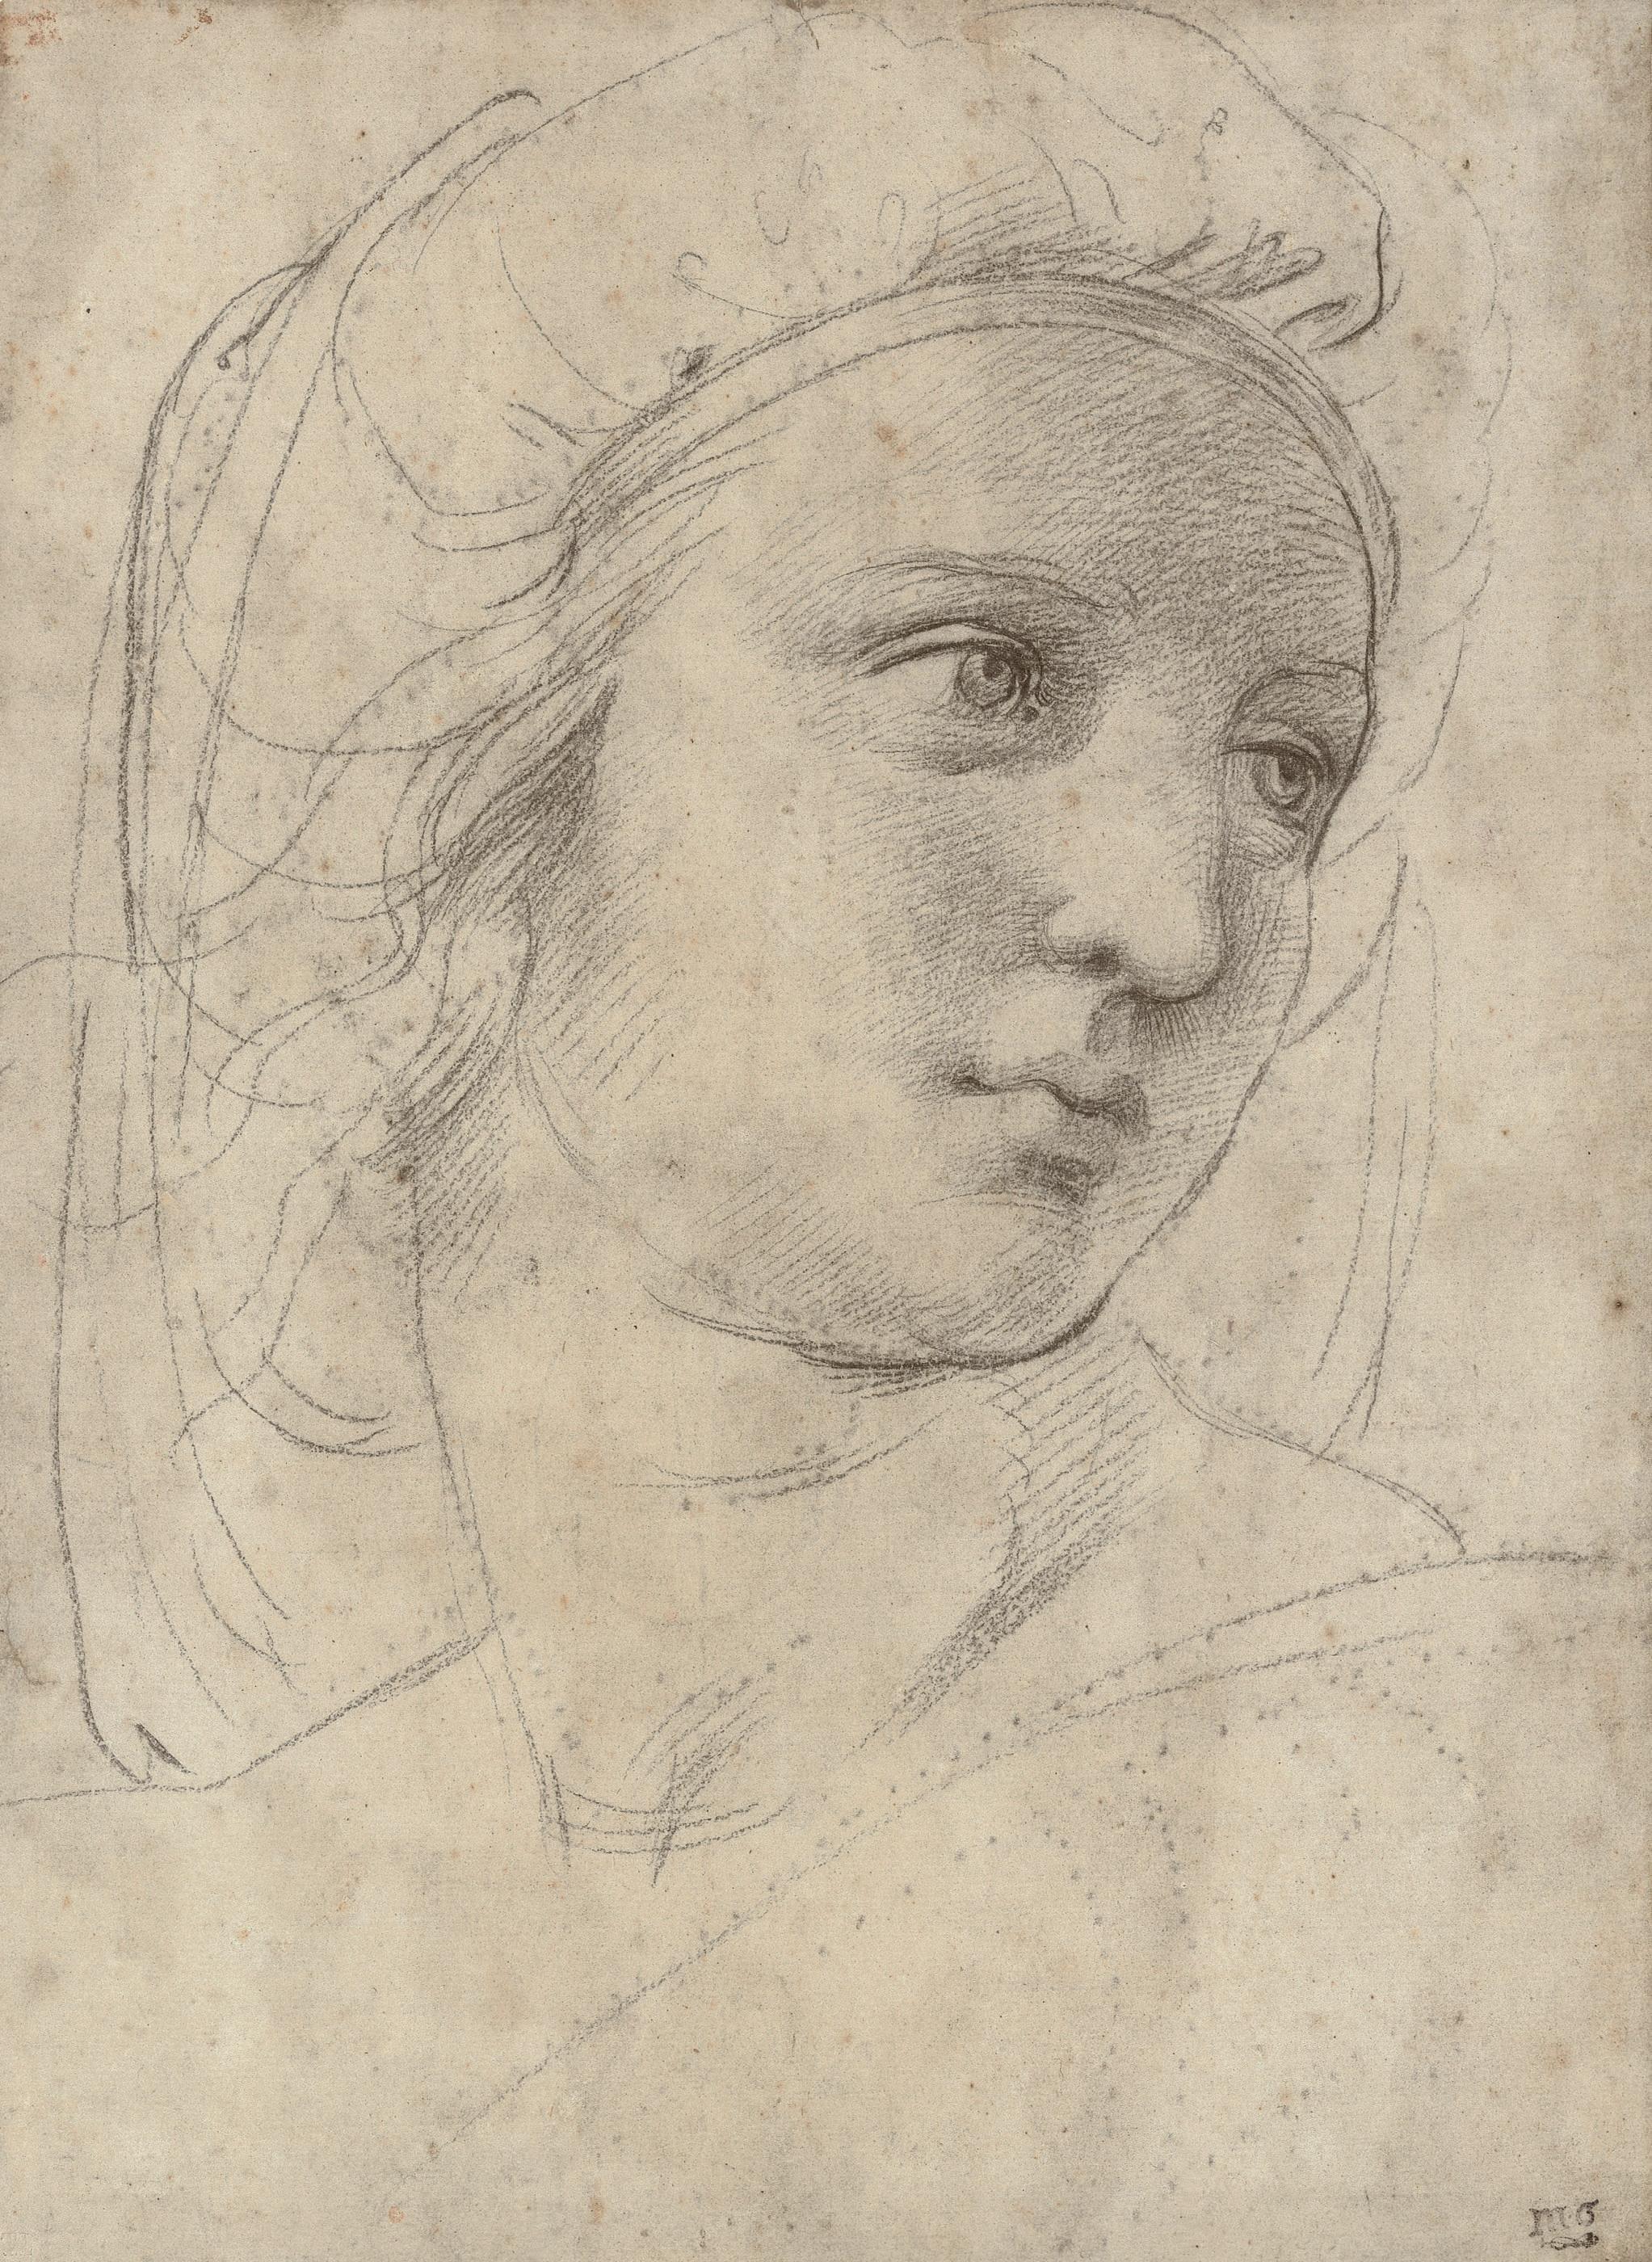 Raffaello Sanzio, called Raphael (Urbino 1483-1520 Rome)